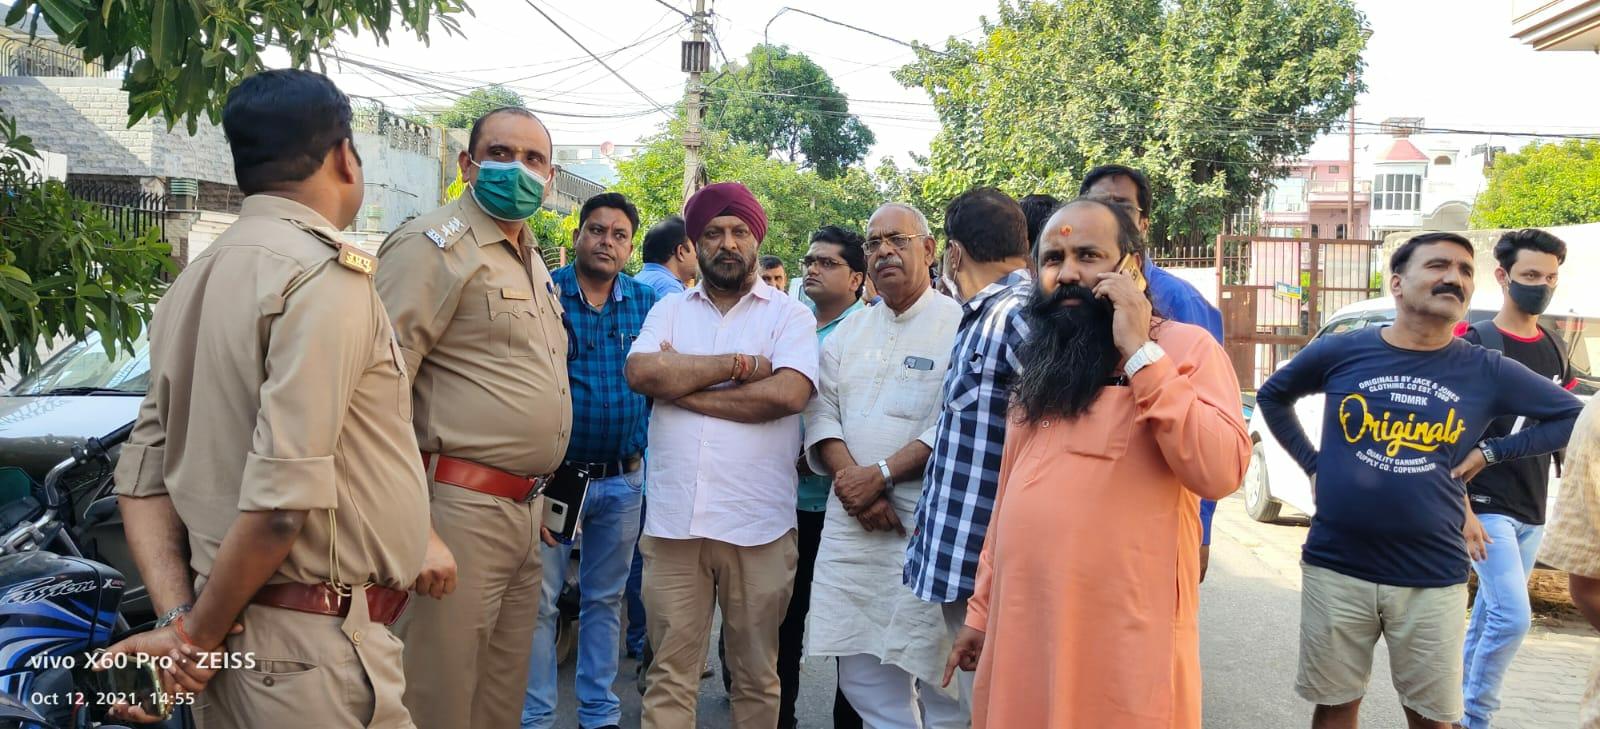 मेरठ में 4 युवकों ने तमंचे के बल पर की लूट, CCTV में कैद हुए बाइक सवार मेरठ,Meerut - Dainik Bhaskar